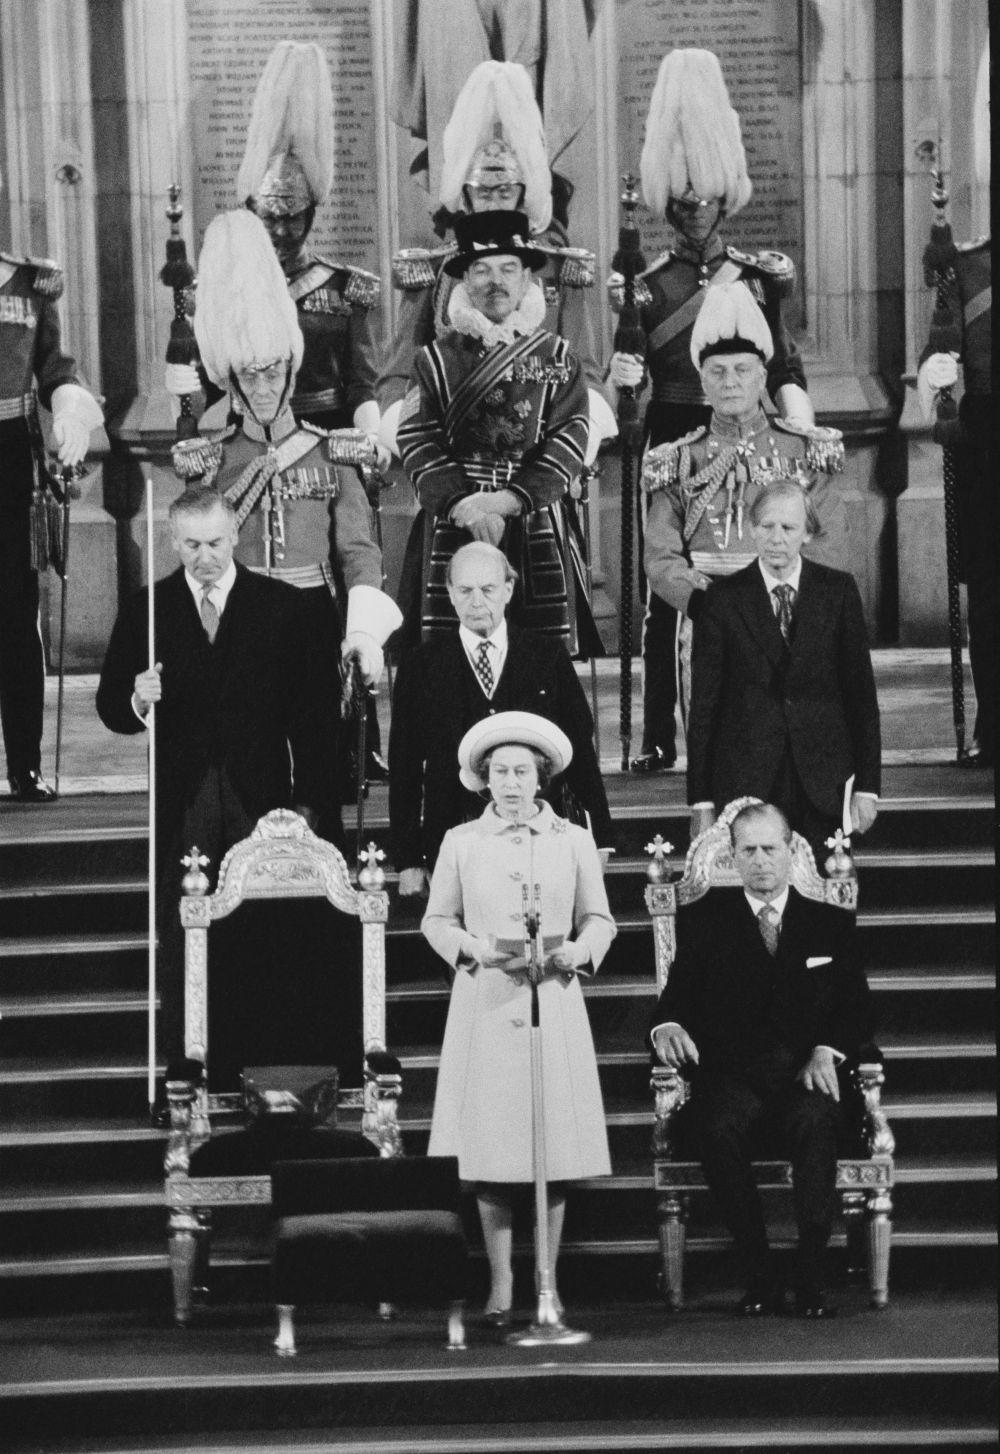 Елизабет Втора се обръща към парламента по случай сребърния си юбилей като кралица на Великобритания, 4 май 1977 година